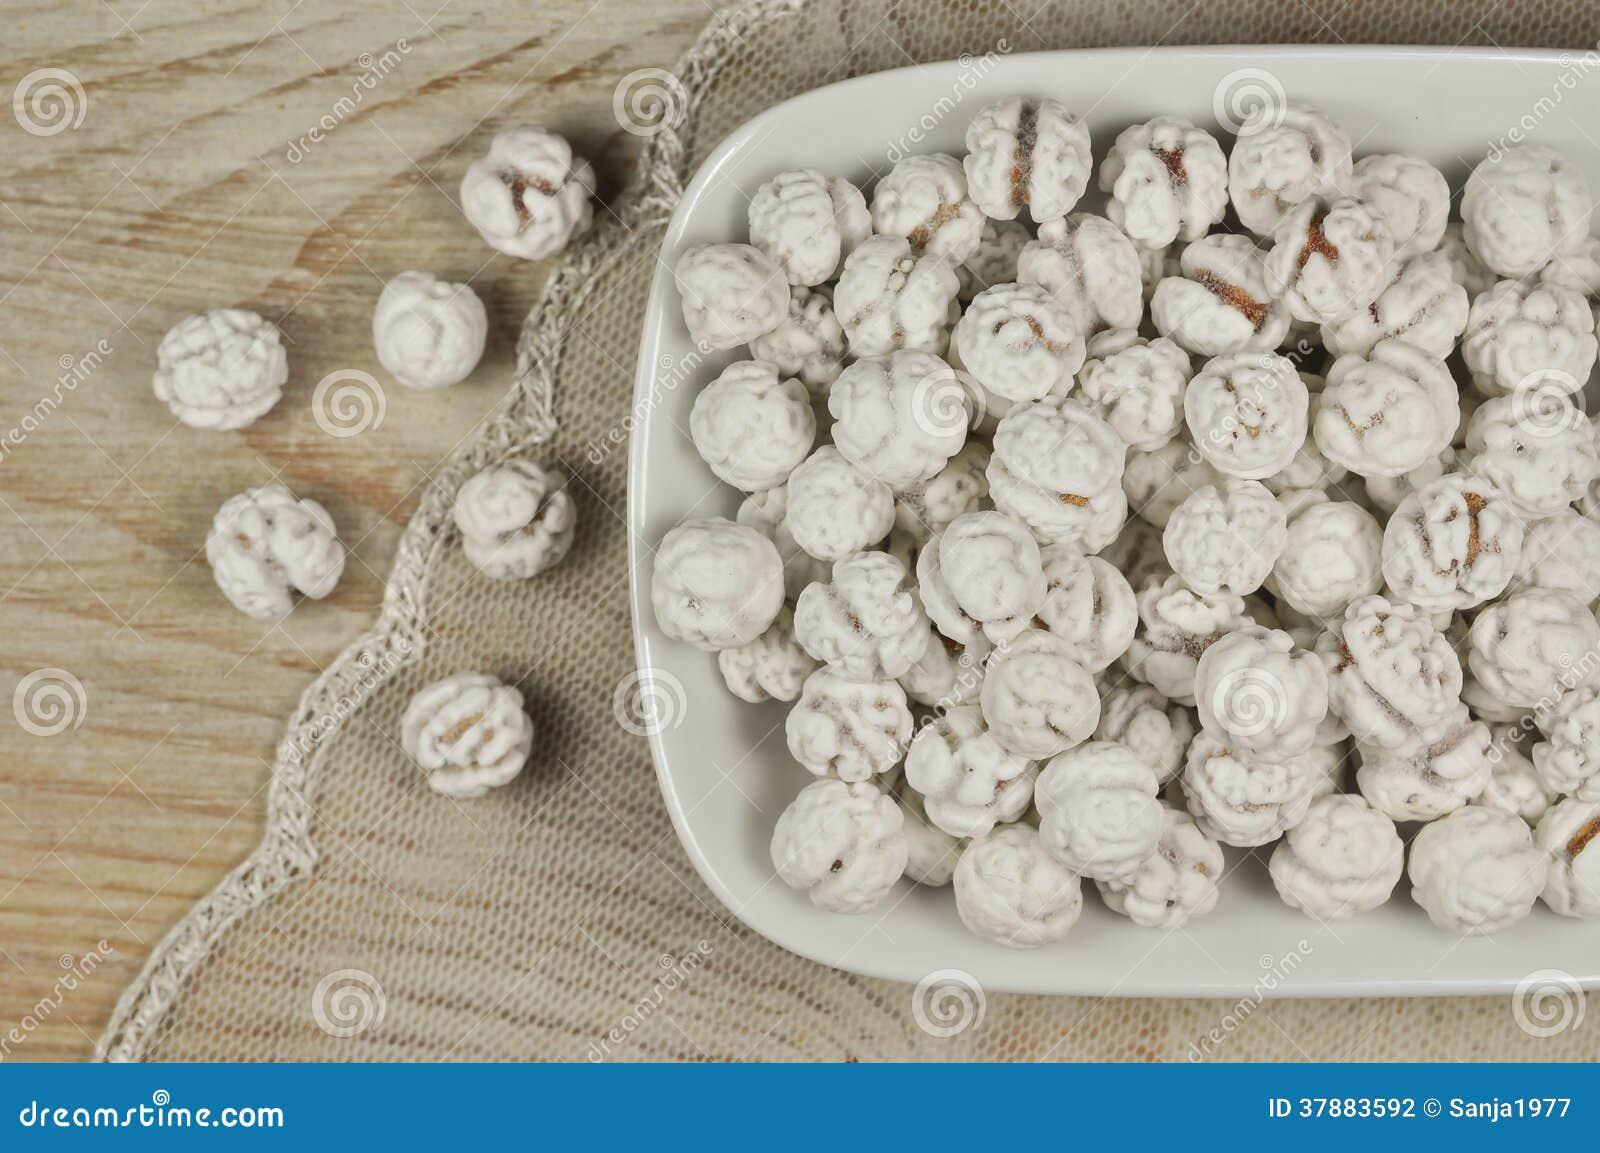 Grãos-de-bico cobertos de açúcar